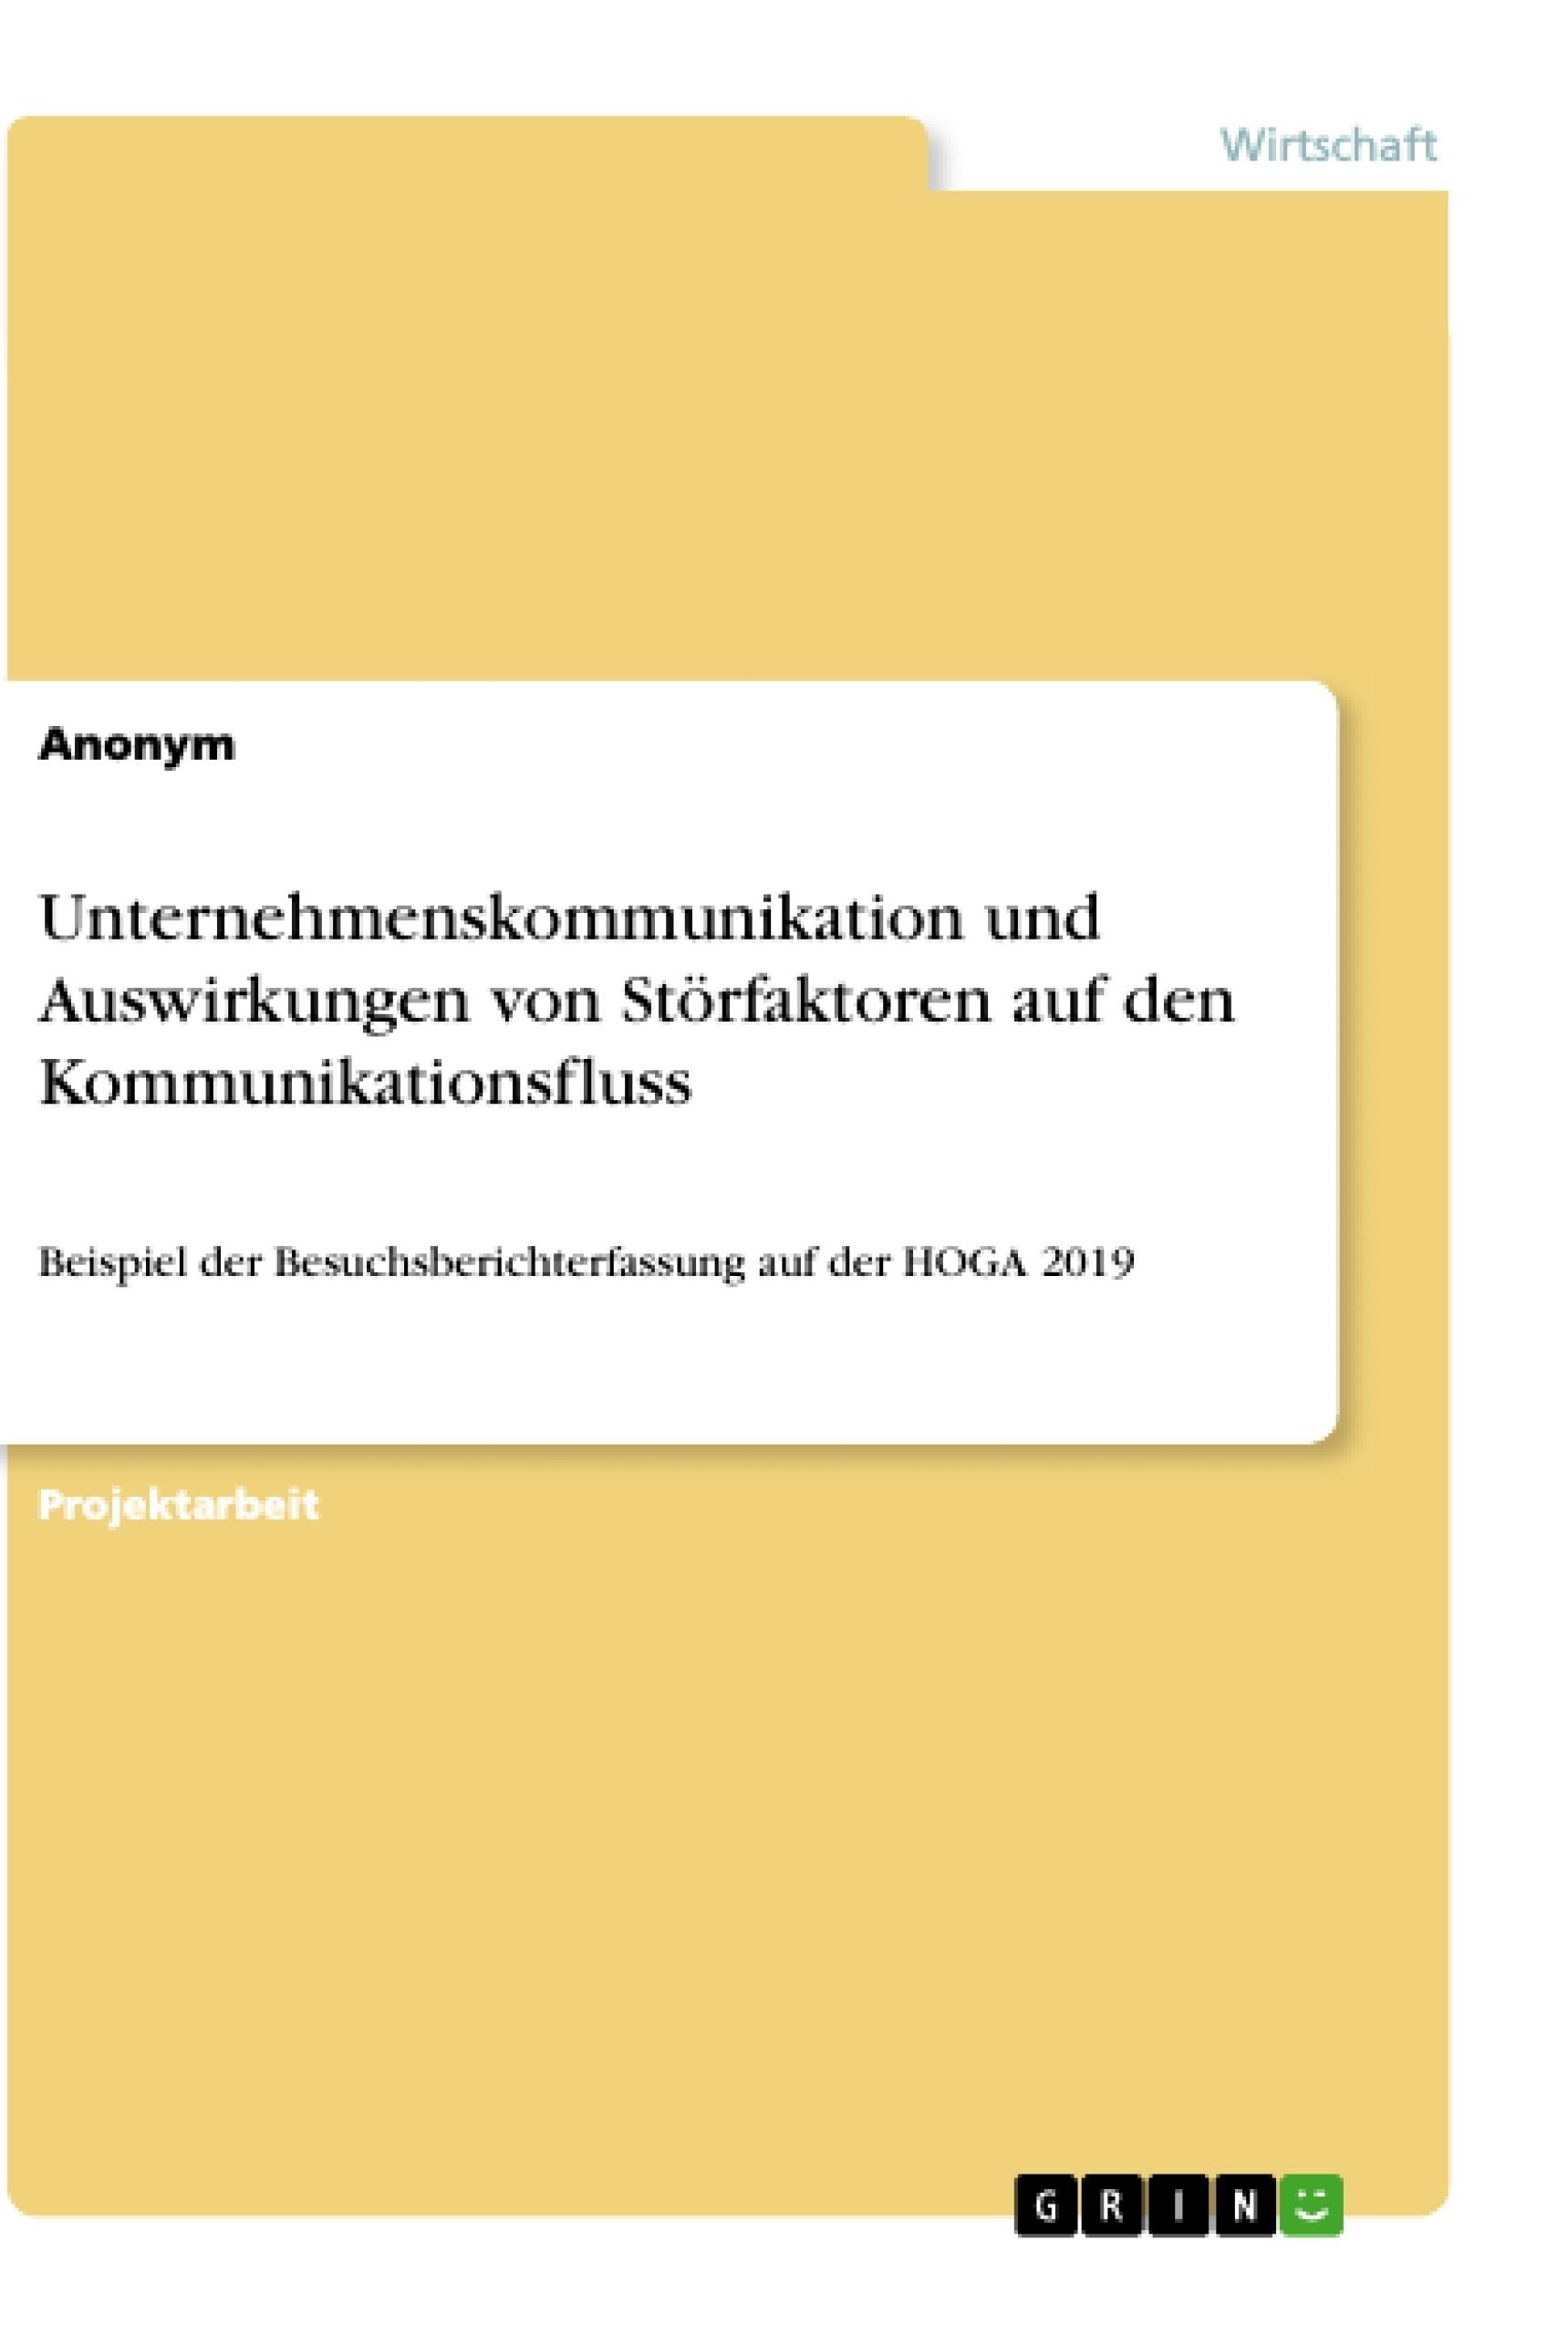 Titel: Unternehmenskommunikation und Auswirkungen von Störfaktoren auf den Kommunikationsfluss